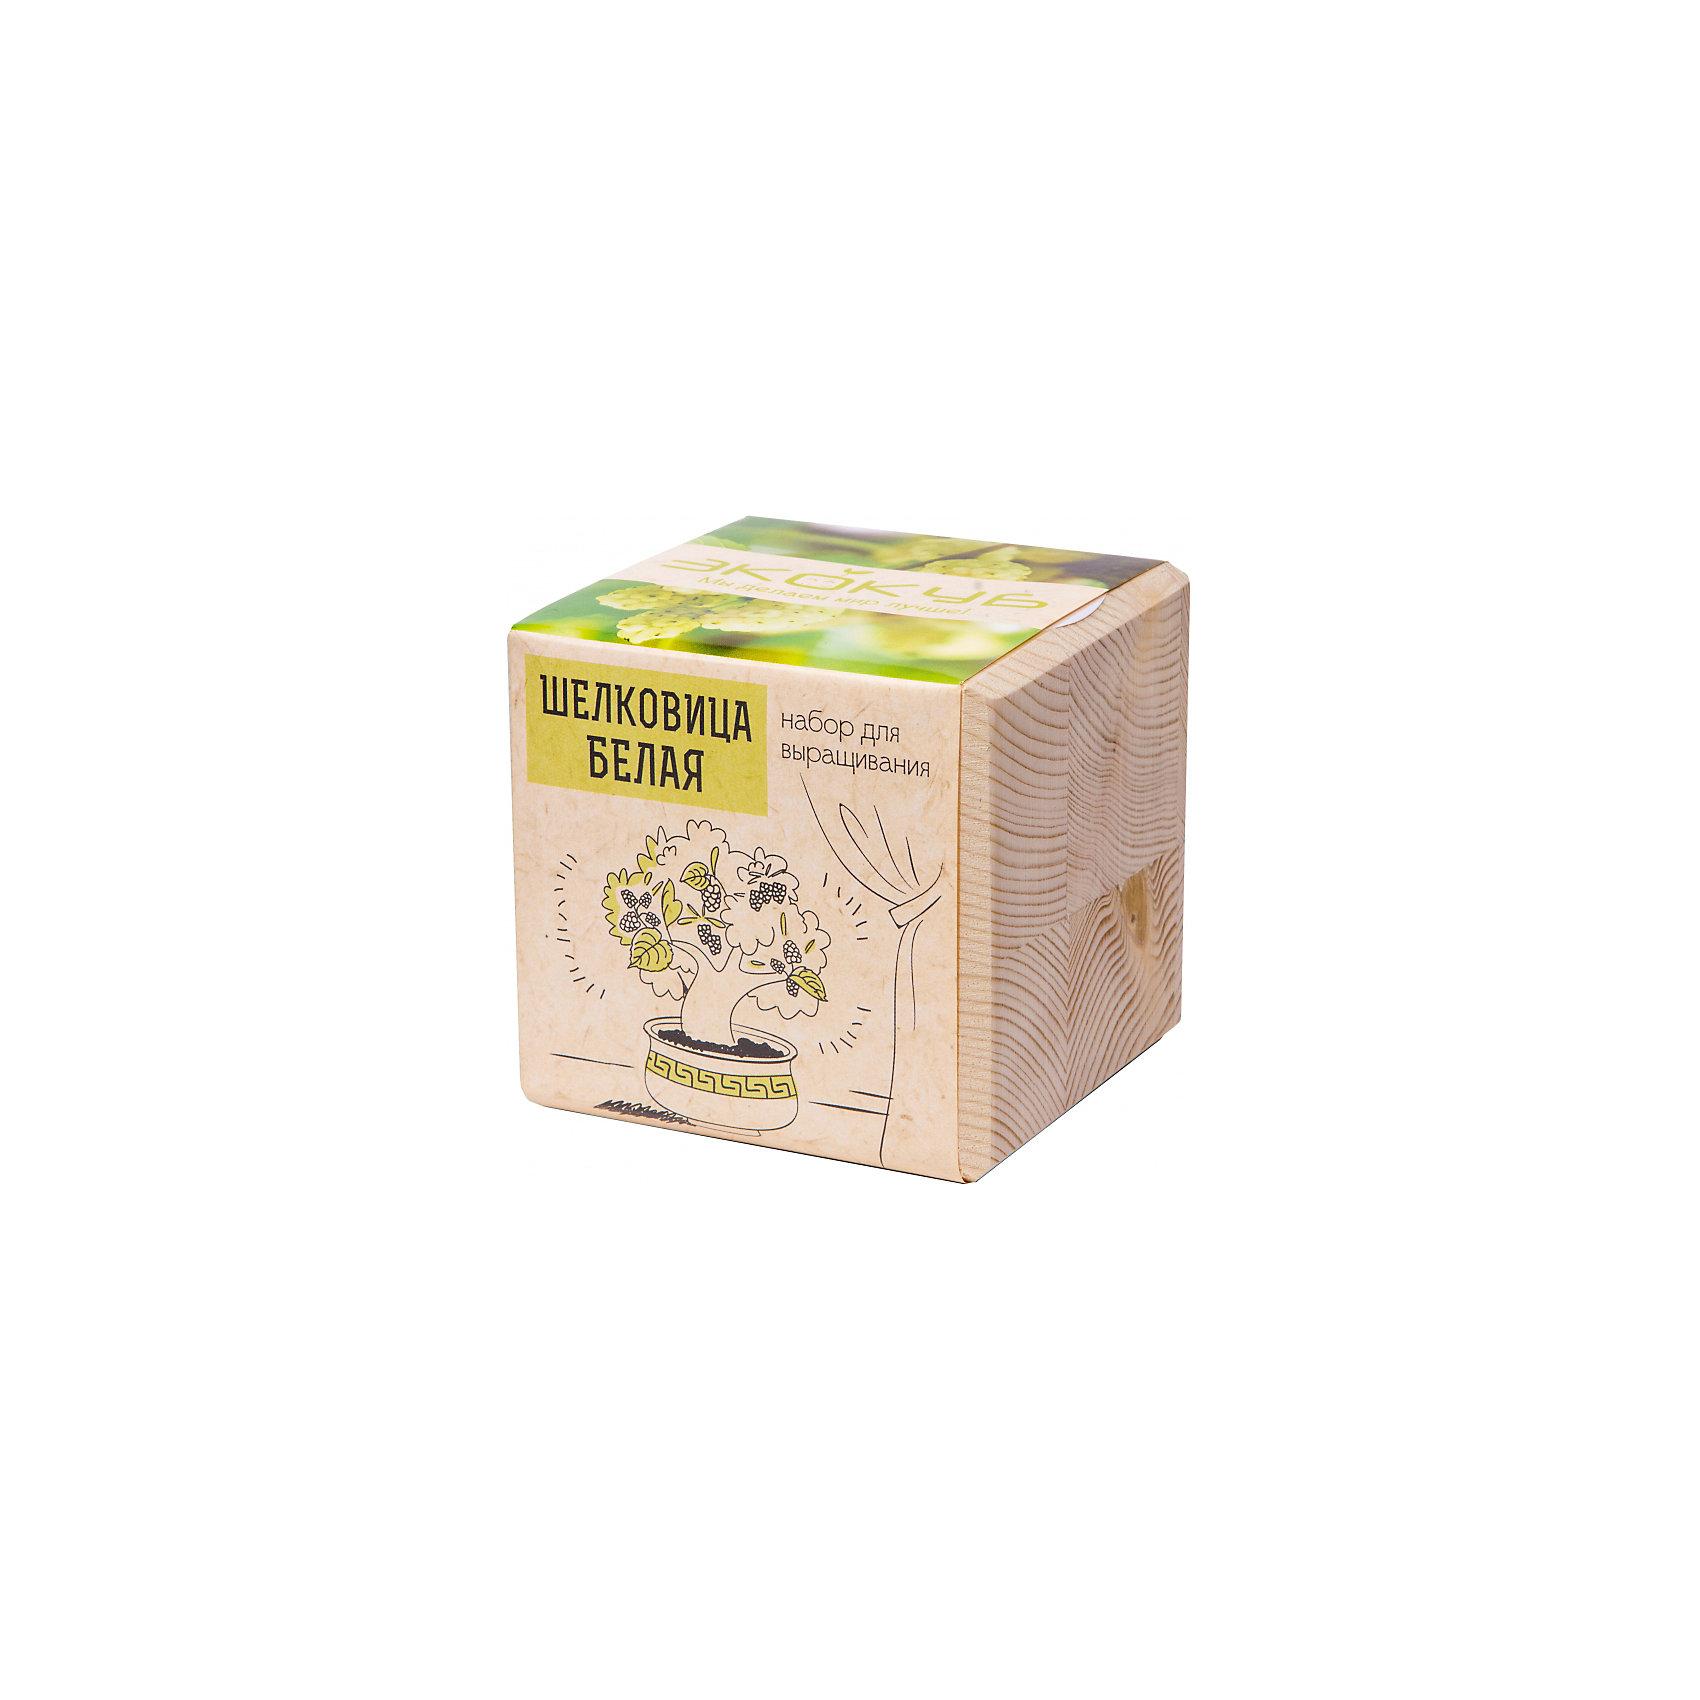 Набор для выращивания Шелковица Белая, ЭкокубНаборы для выращивания растений<br>Наборы Эко Куб - удивительная вещь, которая станет необычным украшением дома или оригинальным подарком. С виду это лишь маленьникй деревянный кубик, но внутри него спрятано настоящее деревце, которое вы самостоятельно сможете прорастить из семечка и собрать урожай. Это увлекательное и полезное занятие для всей семьи, которое поможет родителям стать ближе к своим детям. Набор учит ребенка заботиться о живых существах, воспитывает чувство ответственности.<br><br>Ширина мм: 80<br>Глубина мм: 80<br>Высота мм: 80<br>Вес г: 204<br>Возраст от месяцев: 60<br>Возраст до месяцев: 2147483647<br>Пол: Унисекс<br>Возраст: Детский<br>SKU: 5596056